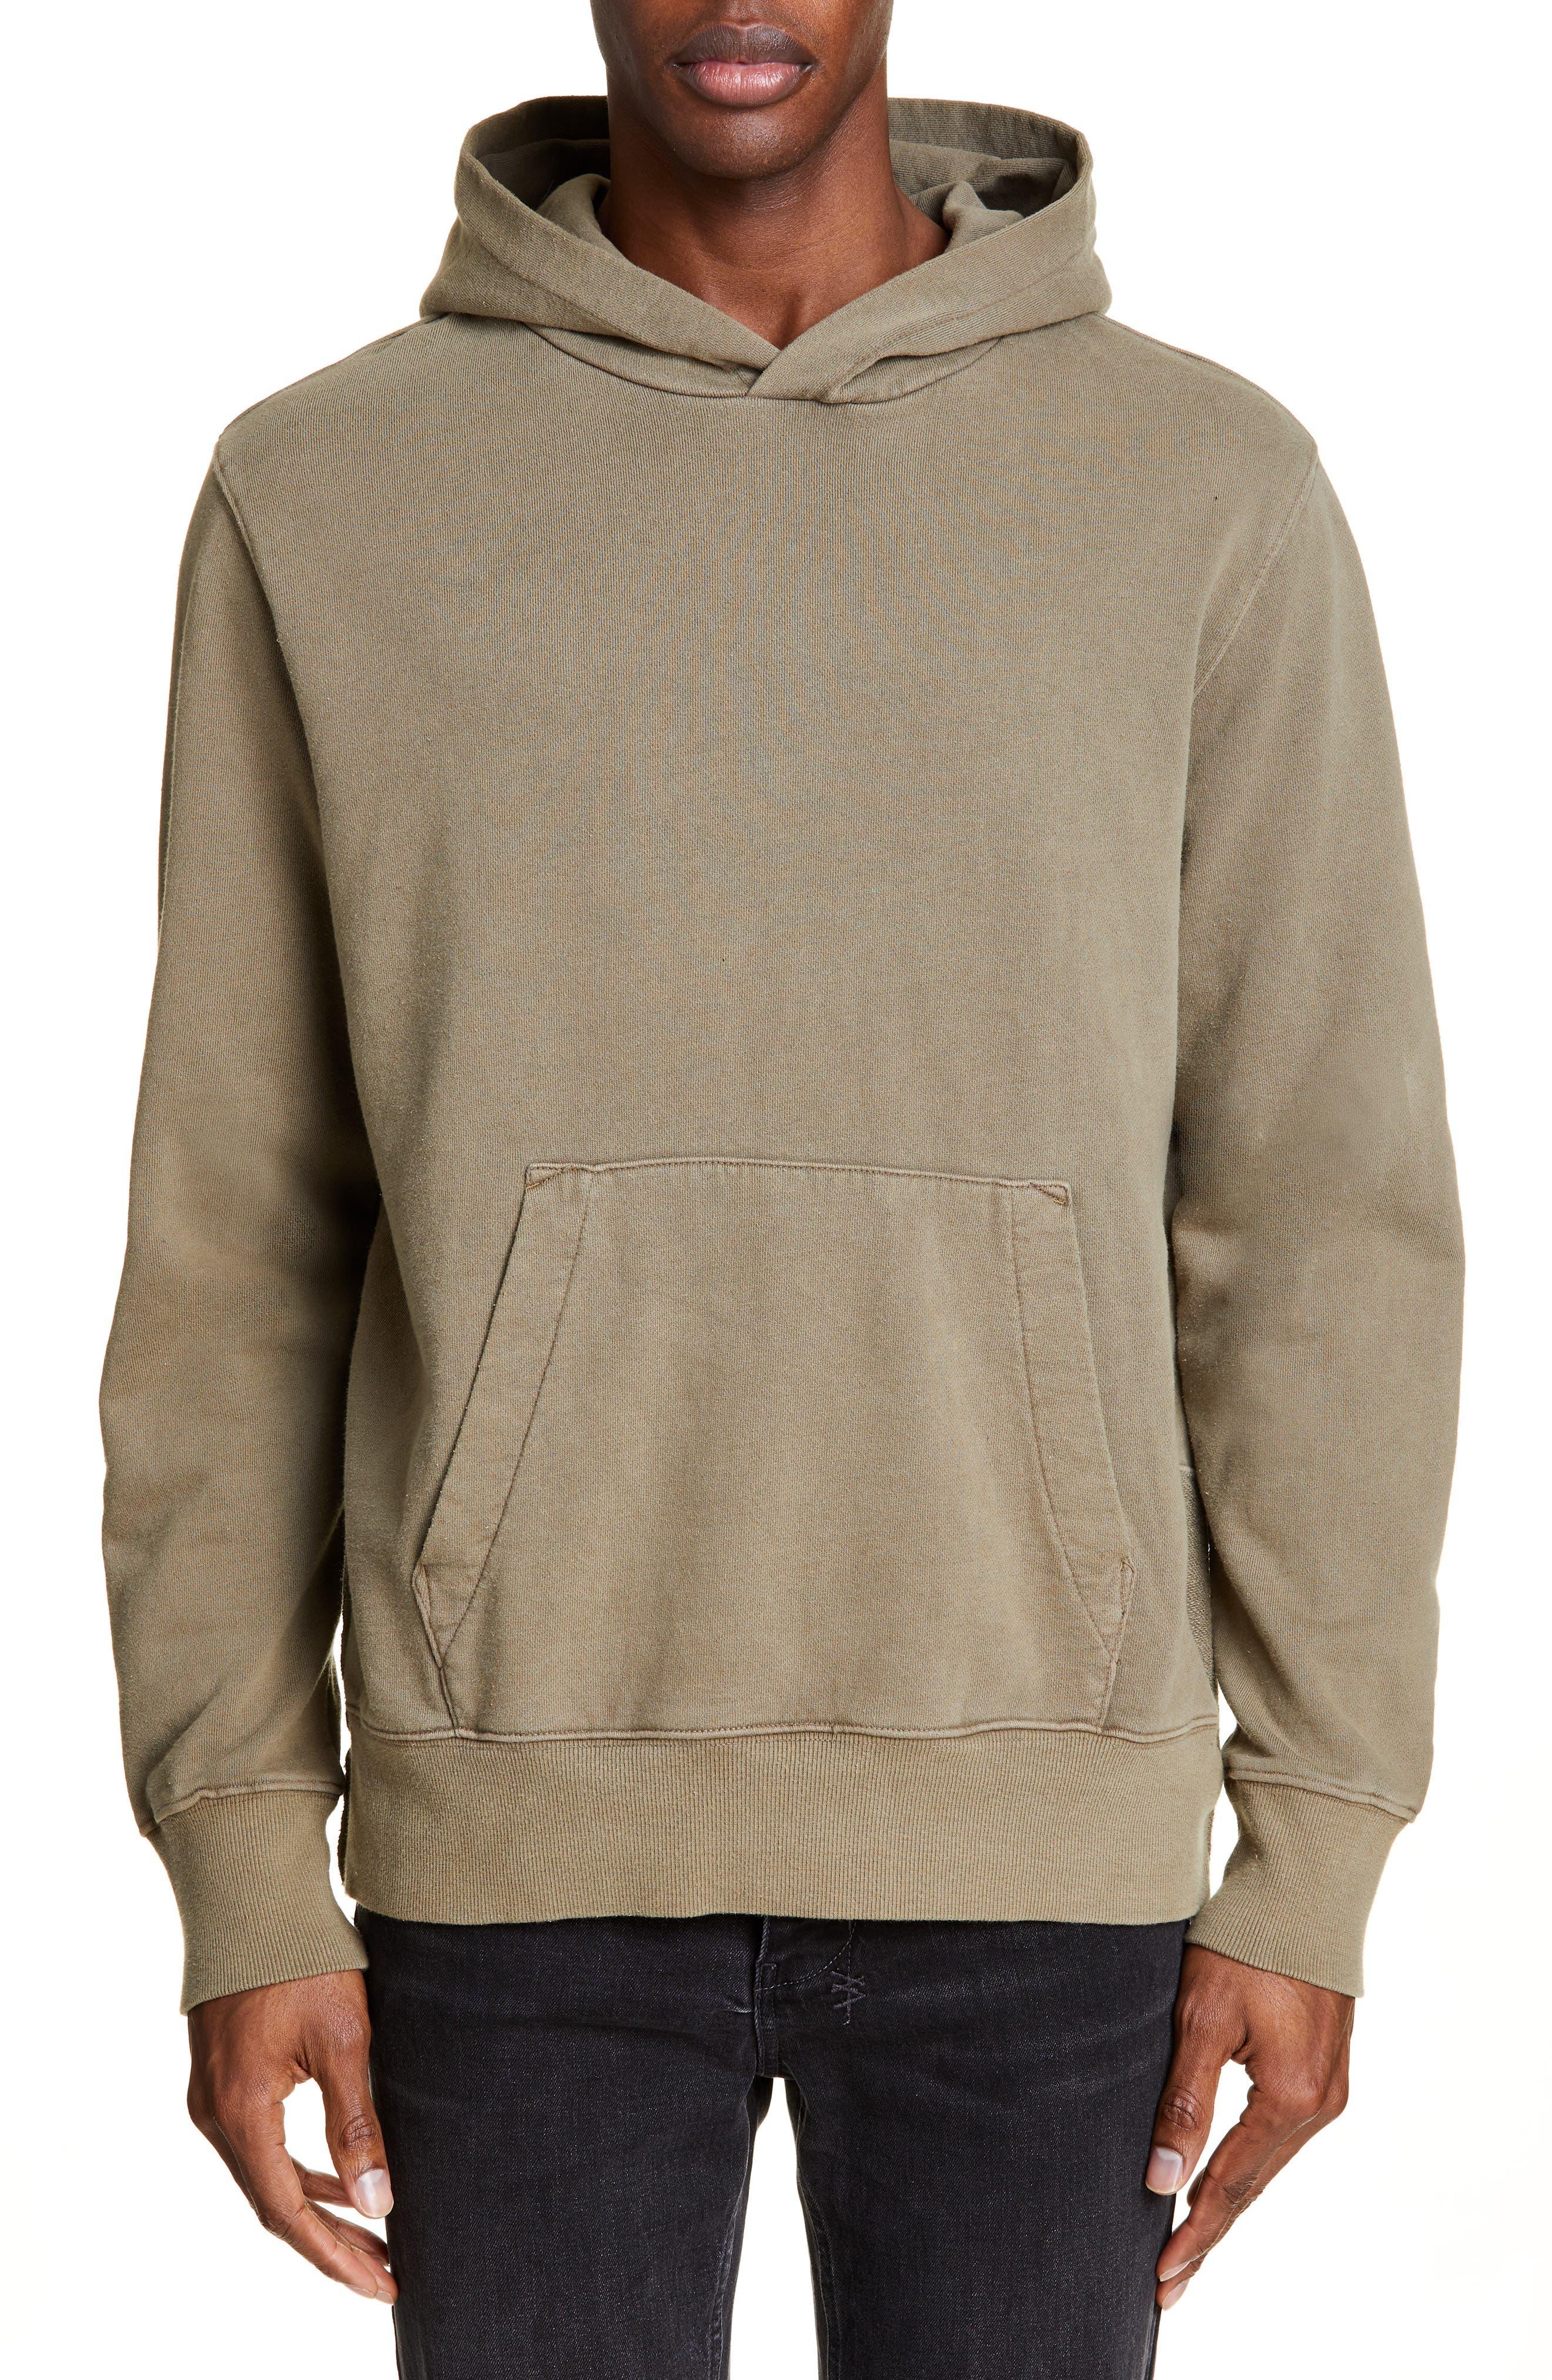 KSUBI, Seeing Lines Hooded Sweatshirt, Main thumbnail 1, color, BEIGE